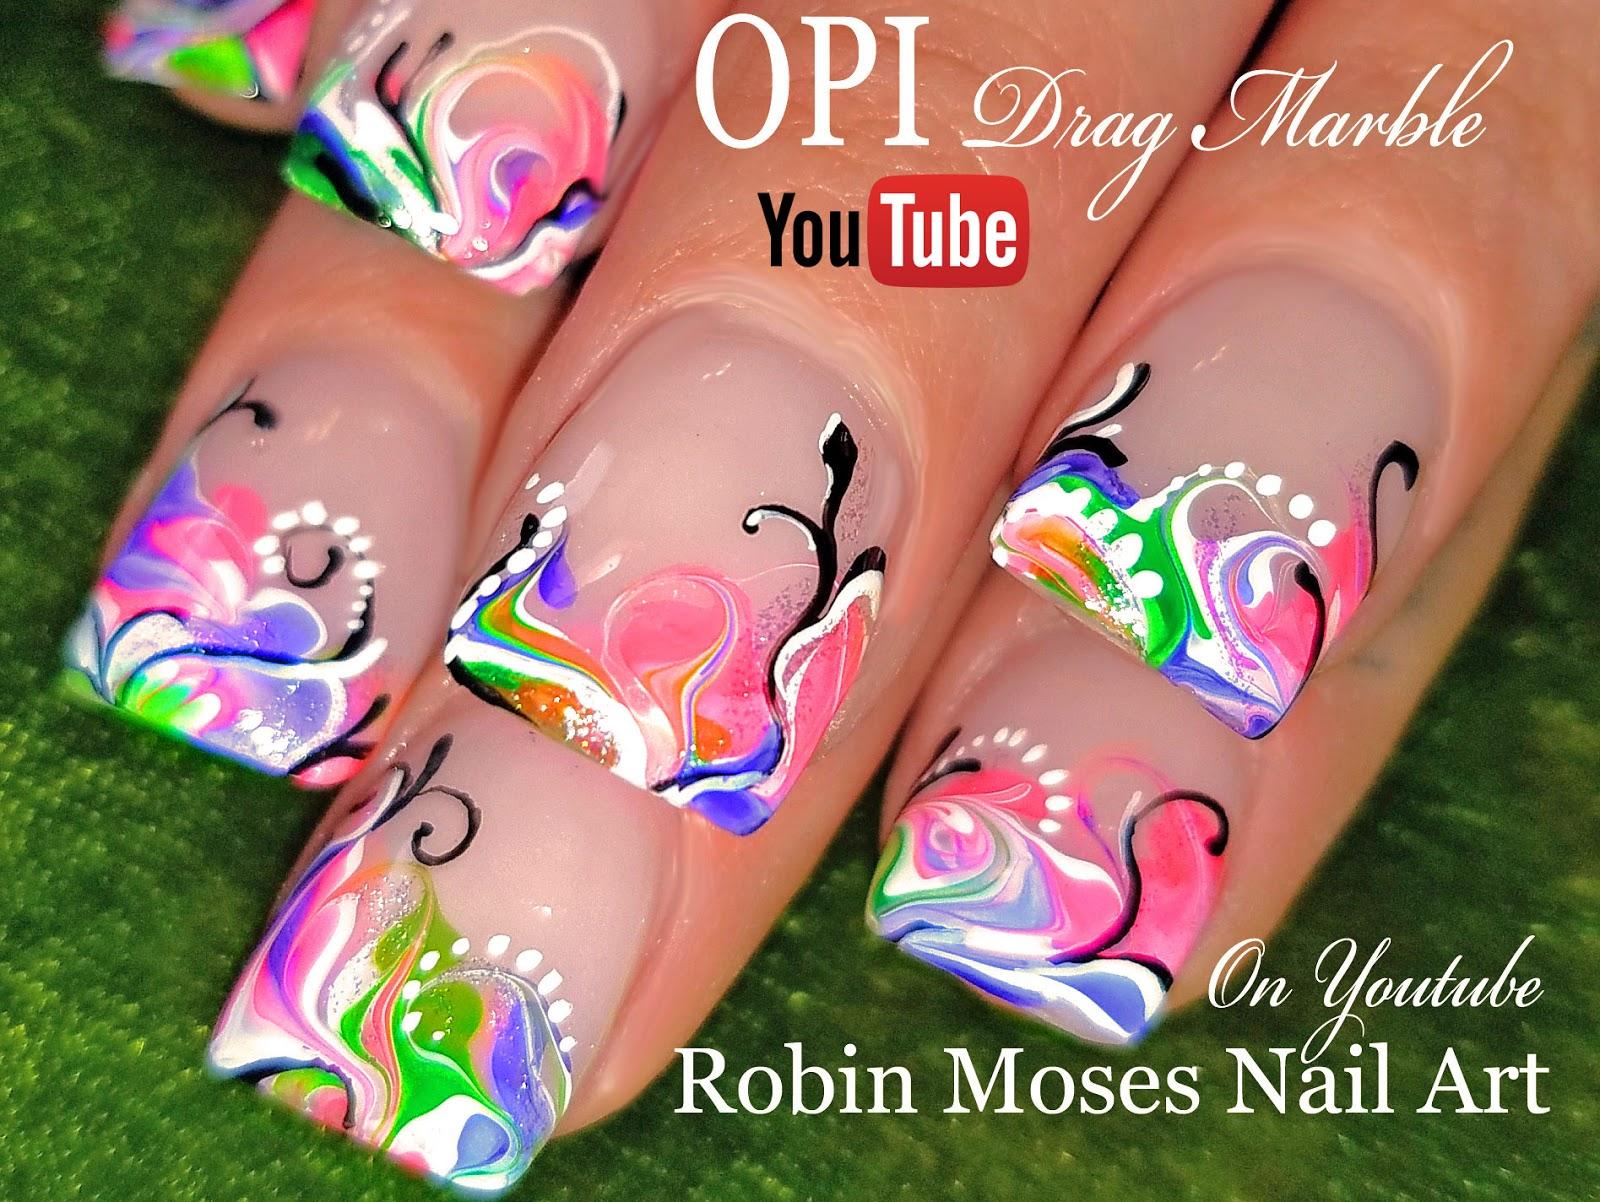 Nail Art by Robin Moses: No Water Marble Nails | Rainbow Drag Nail ...